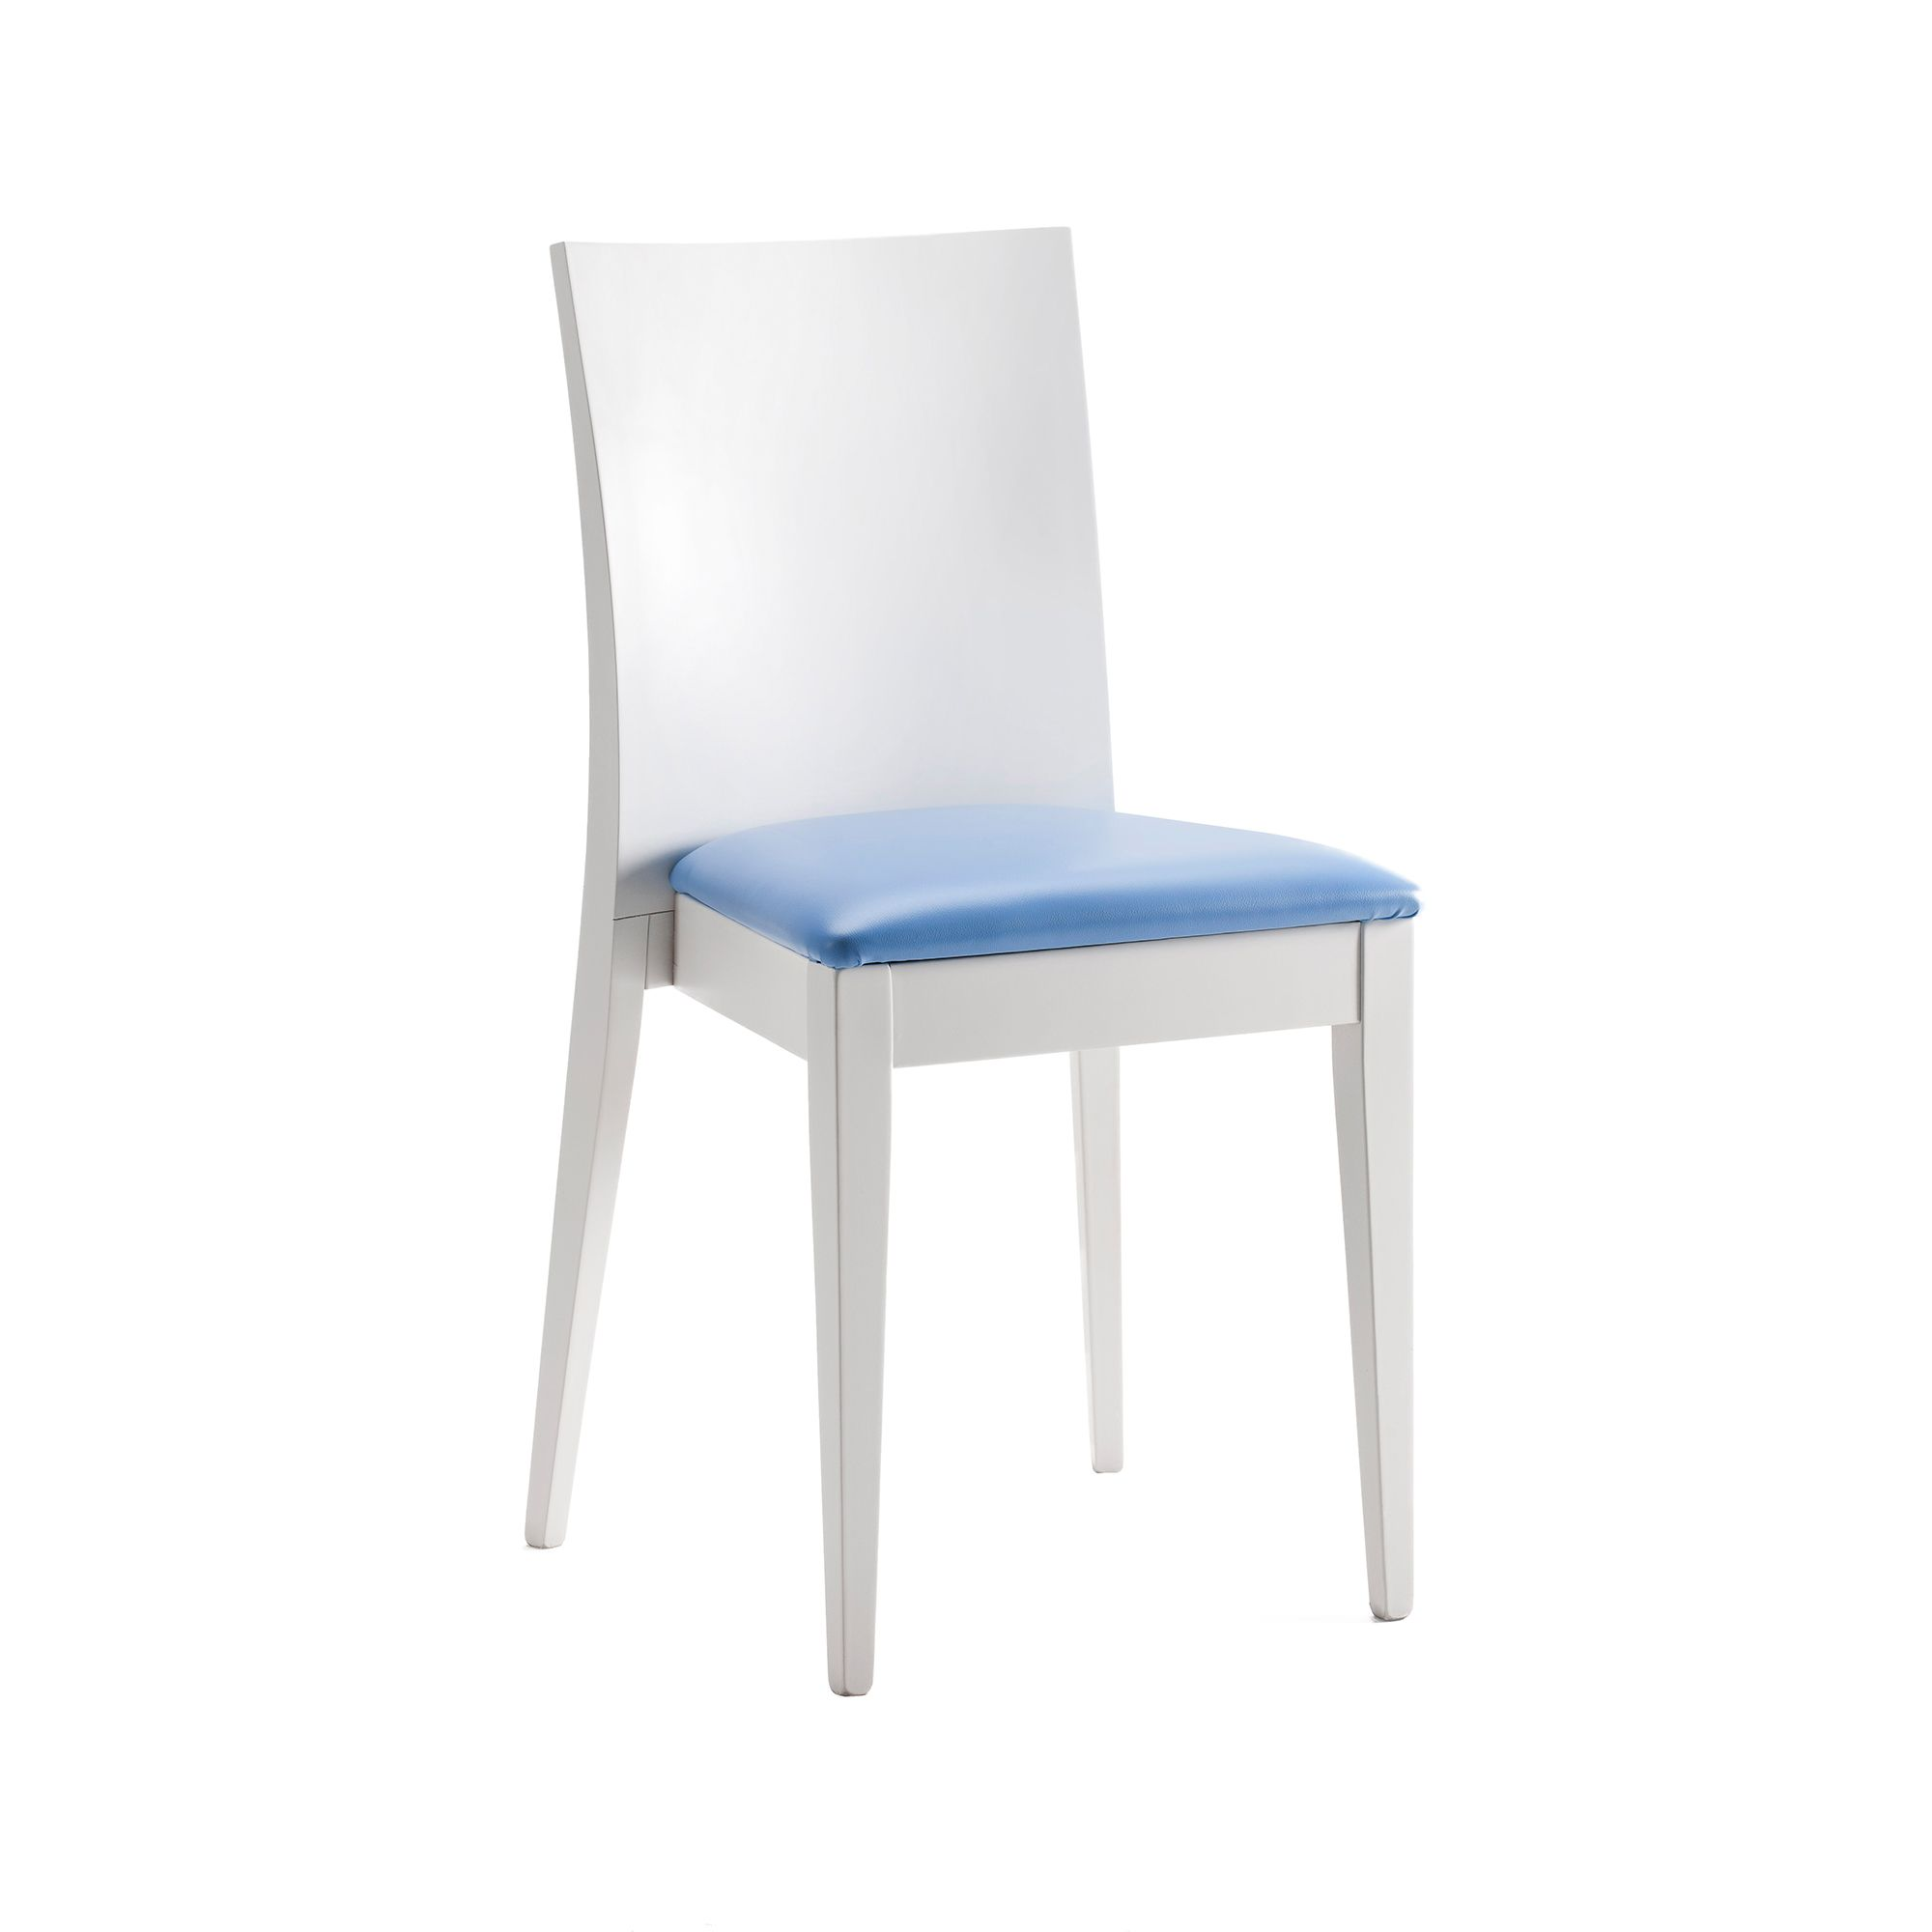 Sedia in stile classico modello 842